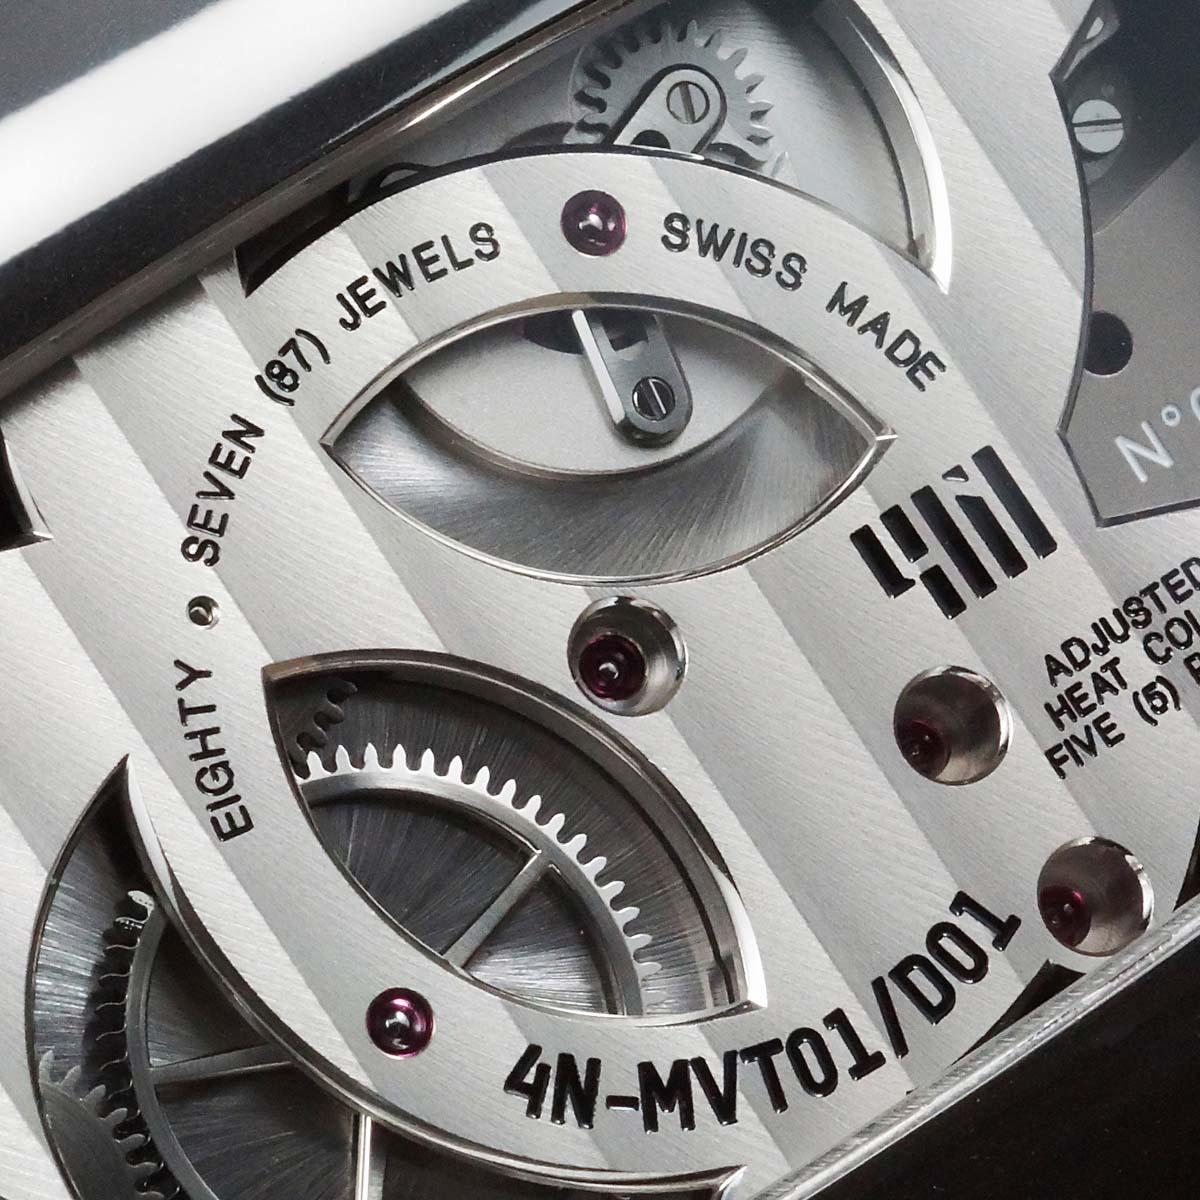 La Cote des Montres : Photo - 4N MVT-01/D01 Titane poli et microbillé